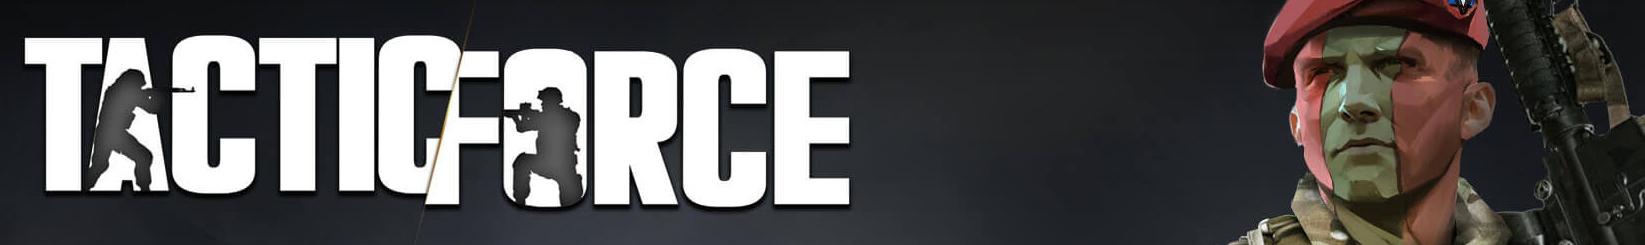 Tactic Force Erken Erişim Ön Kayıt Tarihi Açıklandı!